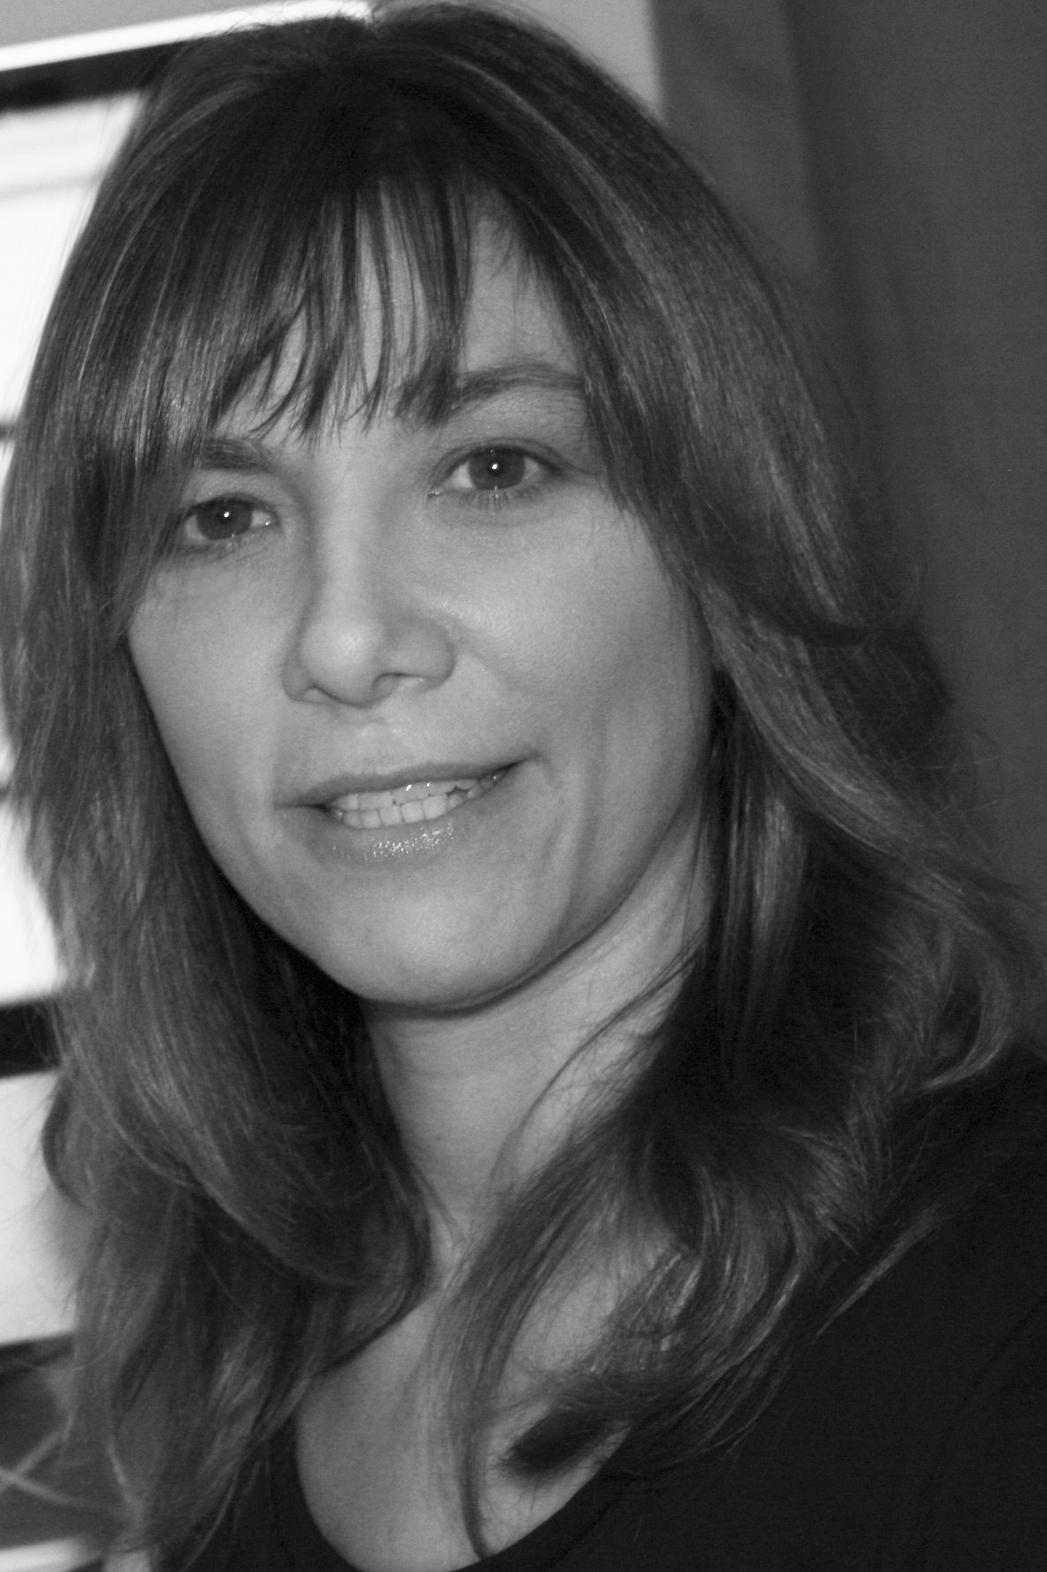 Betsy Schechter Headshot - P 2014